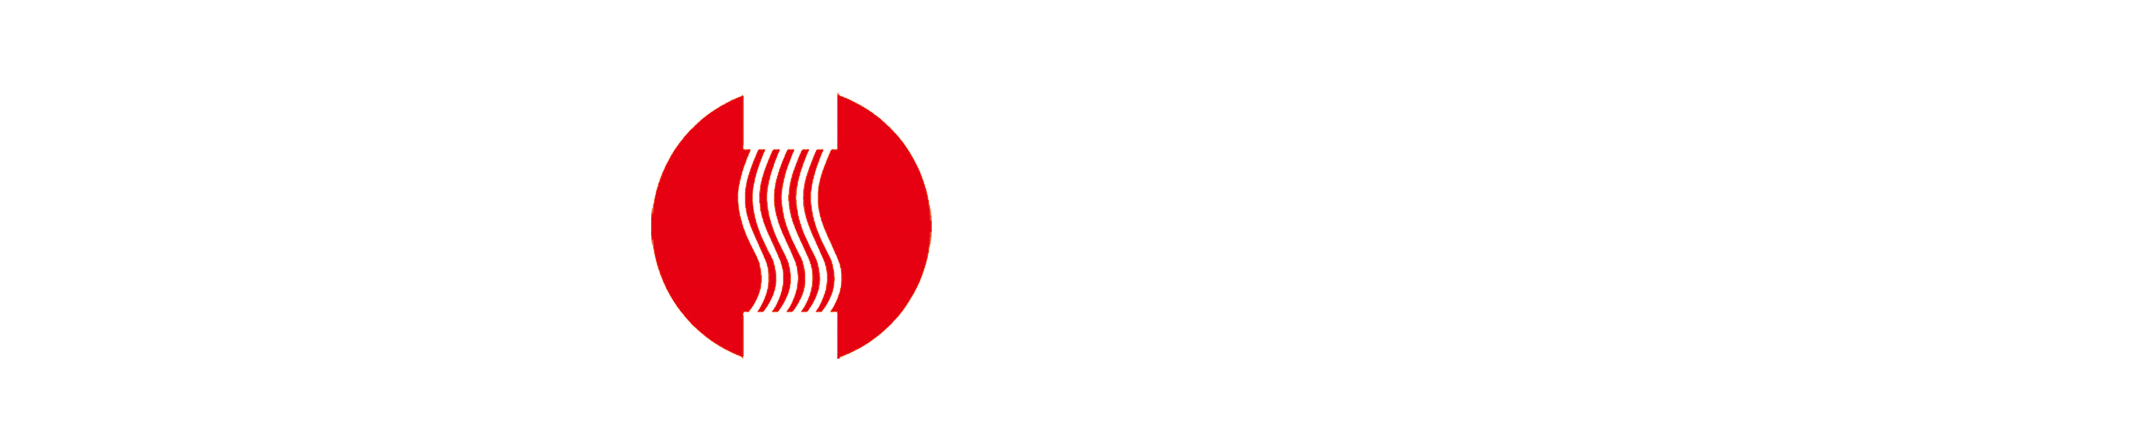 晋江市安海鸿盛机械厂